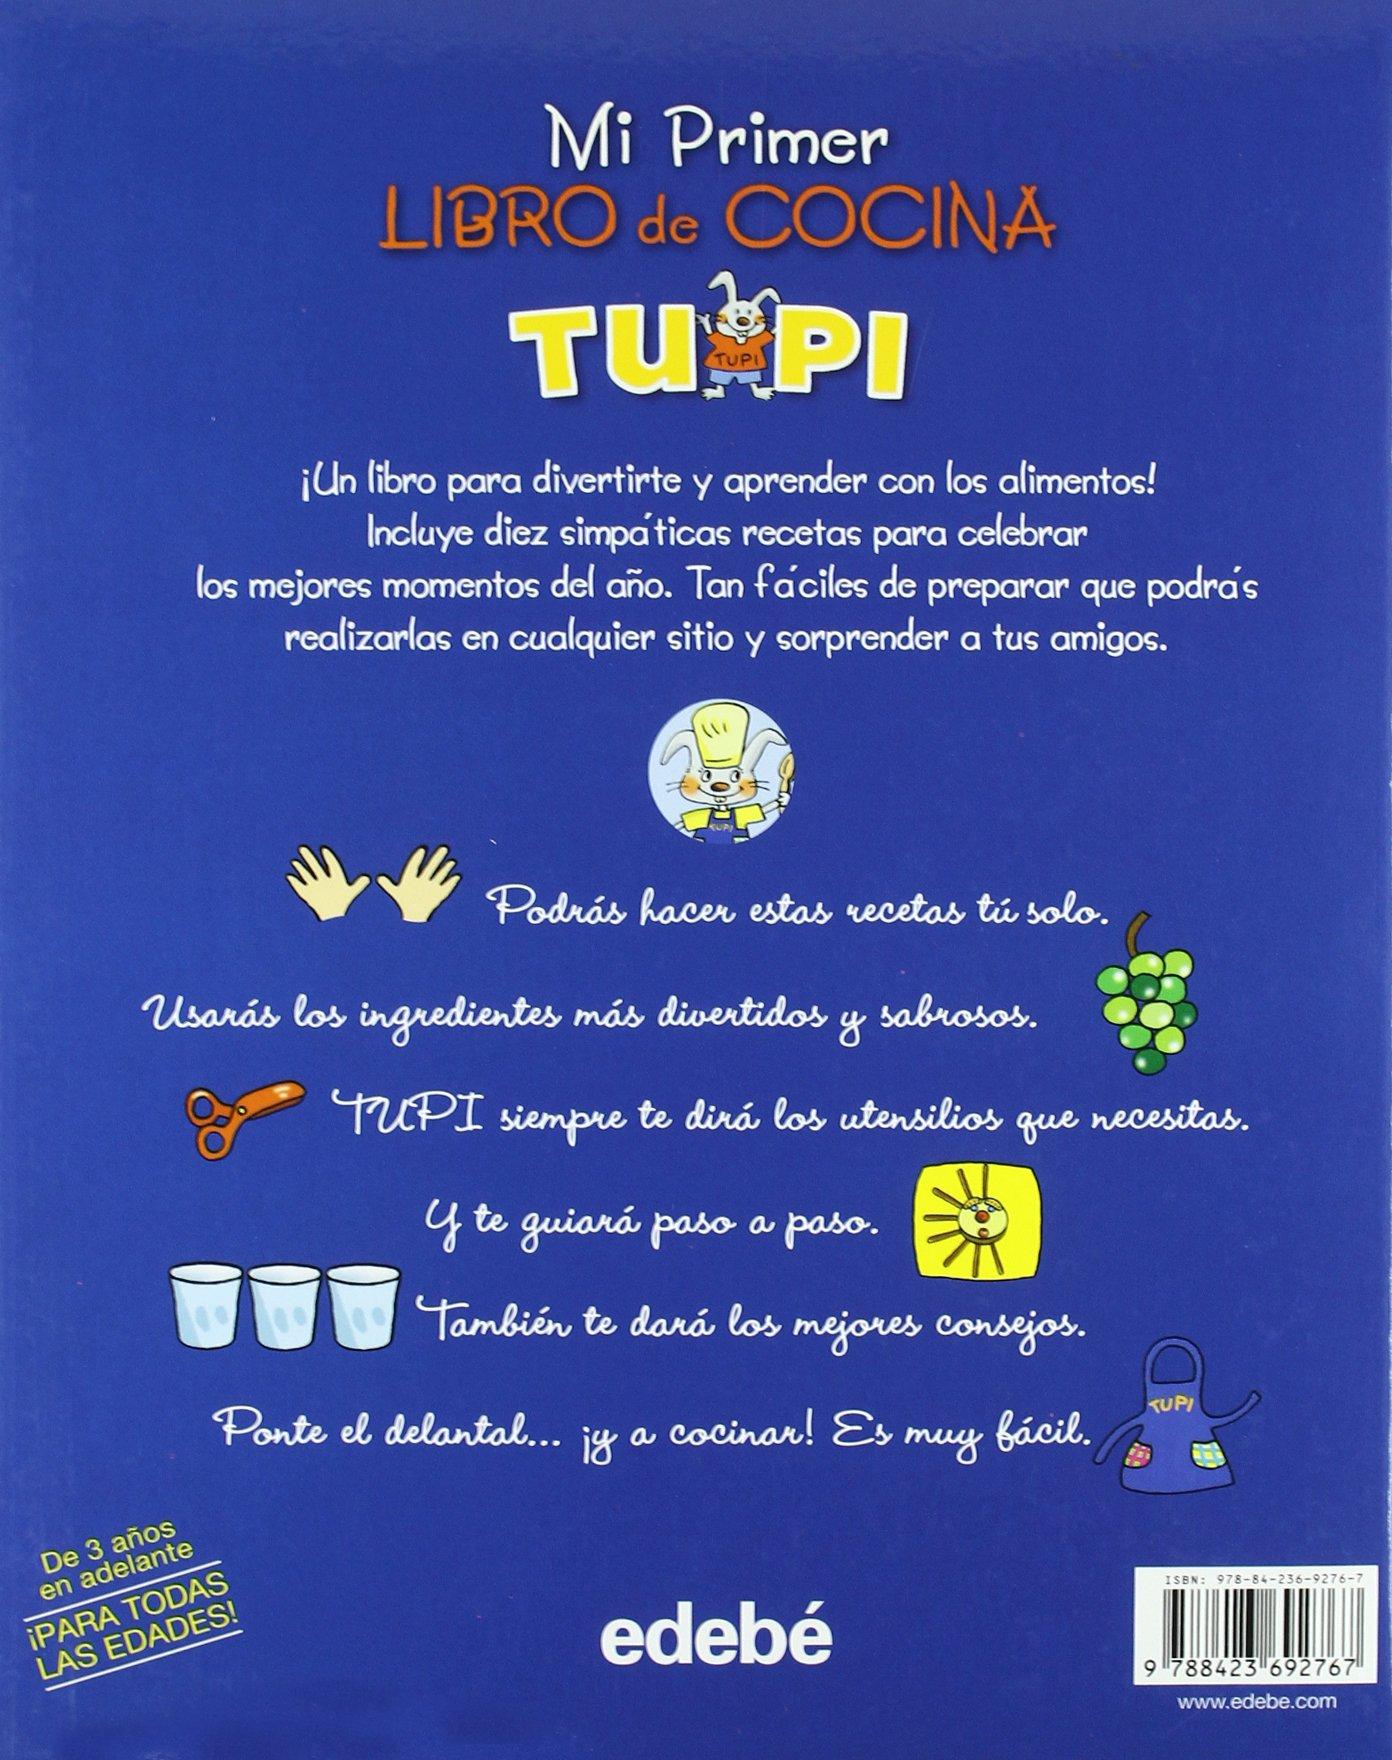 EL PRIMER LIBRO DE COCINA TUPI: Amazon.es: Obra Colectiva Edebé, MERCÈ ARÀNEGA ESPANYOL: Libros